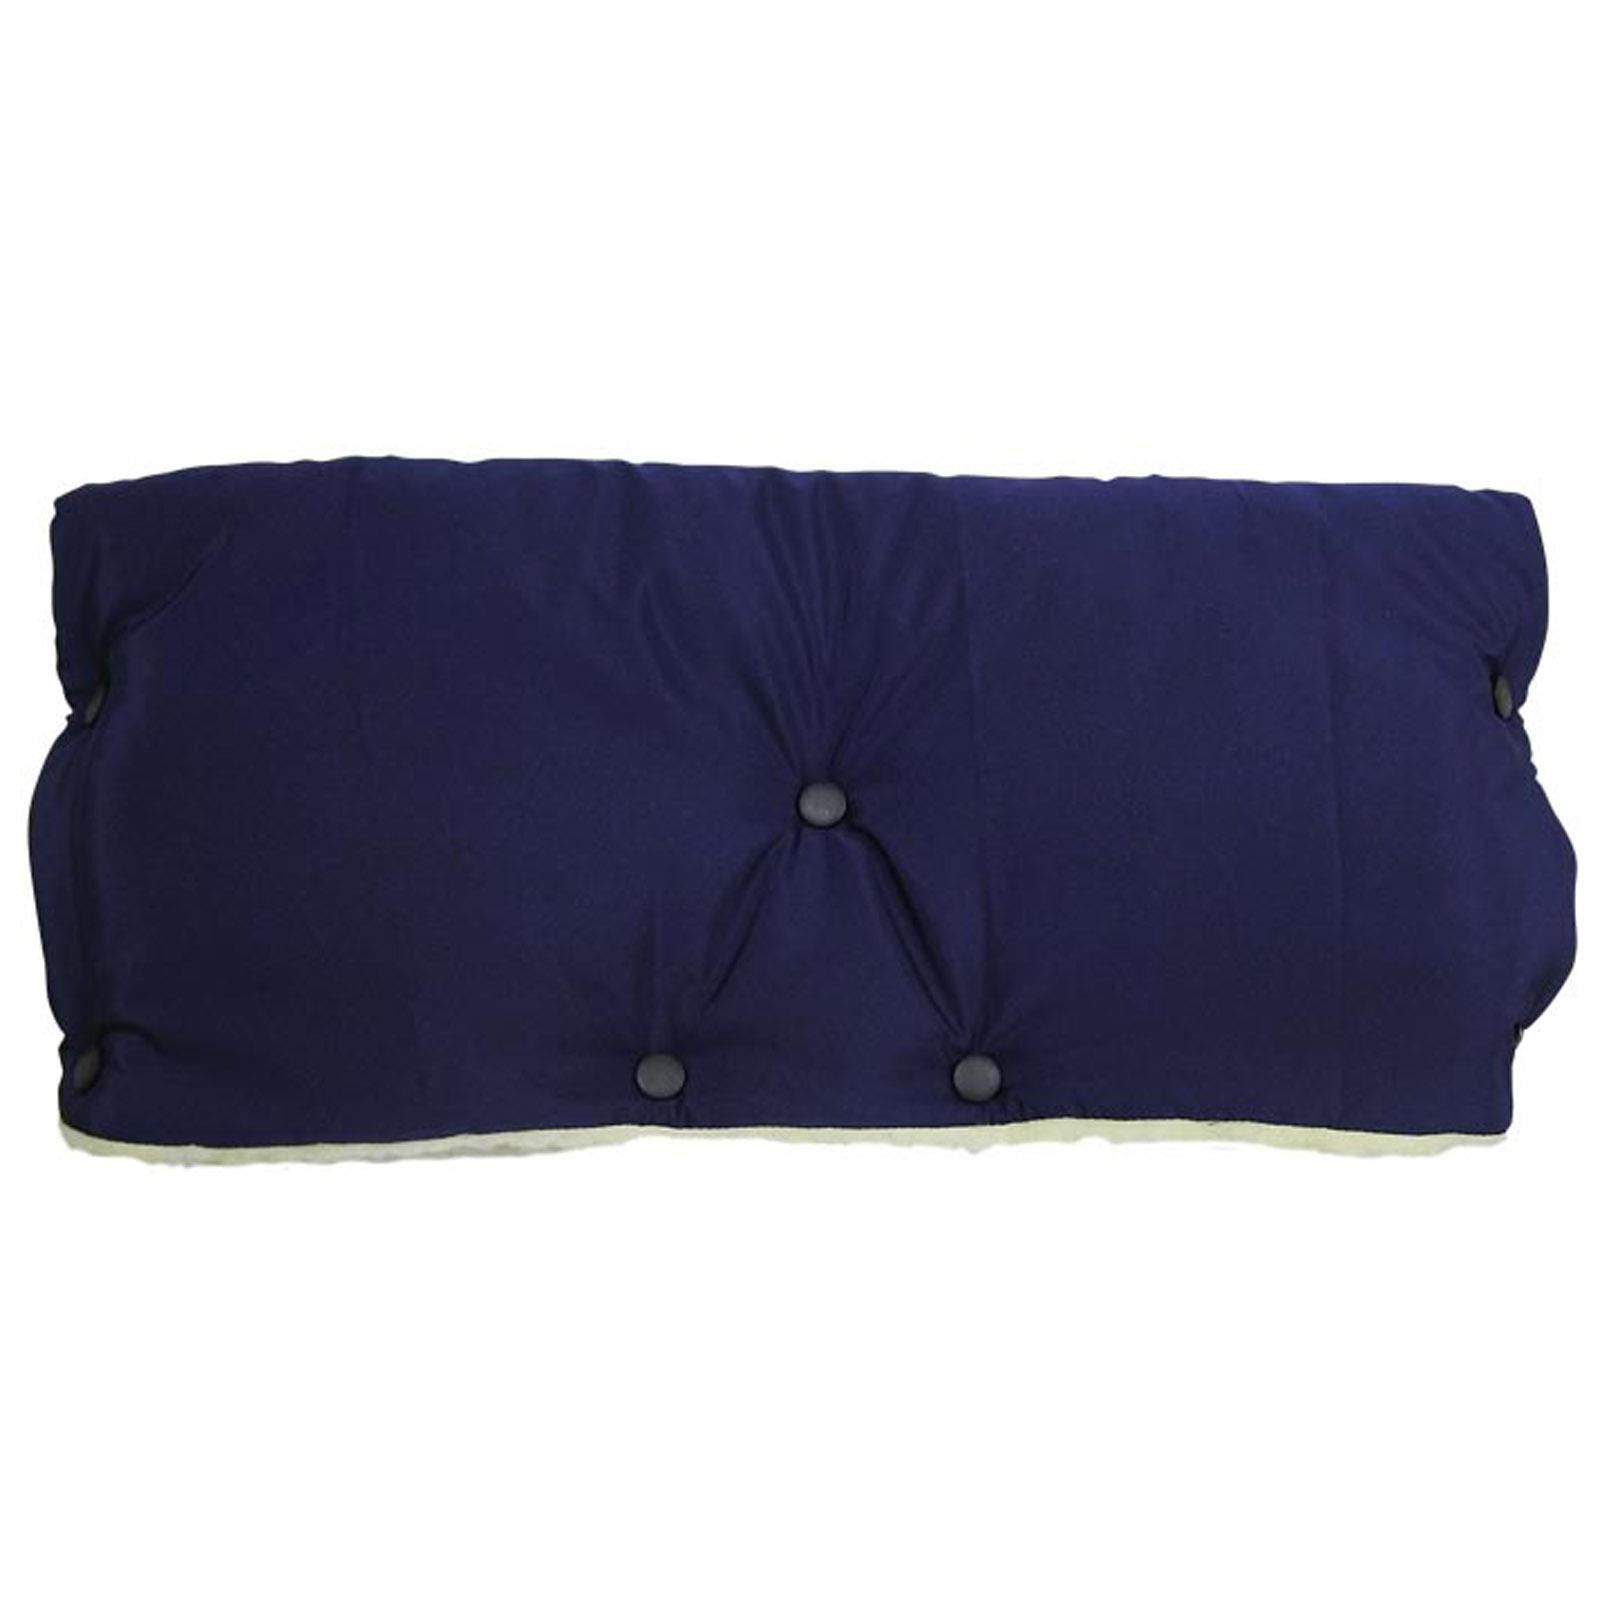 Муфта для коляски Чудо Чадо для защиты рук от холода на кнопках Синяя<br>